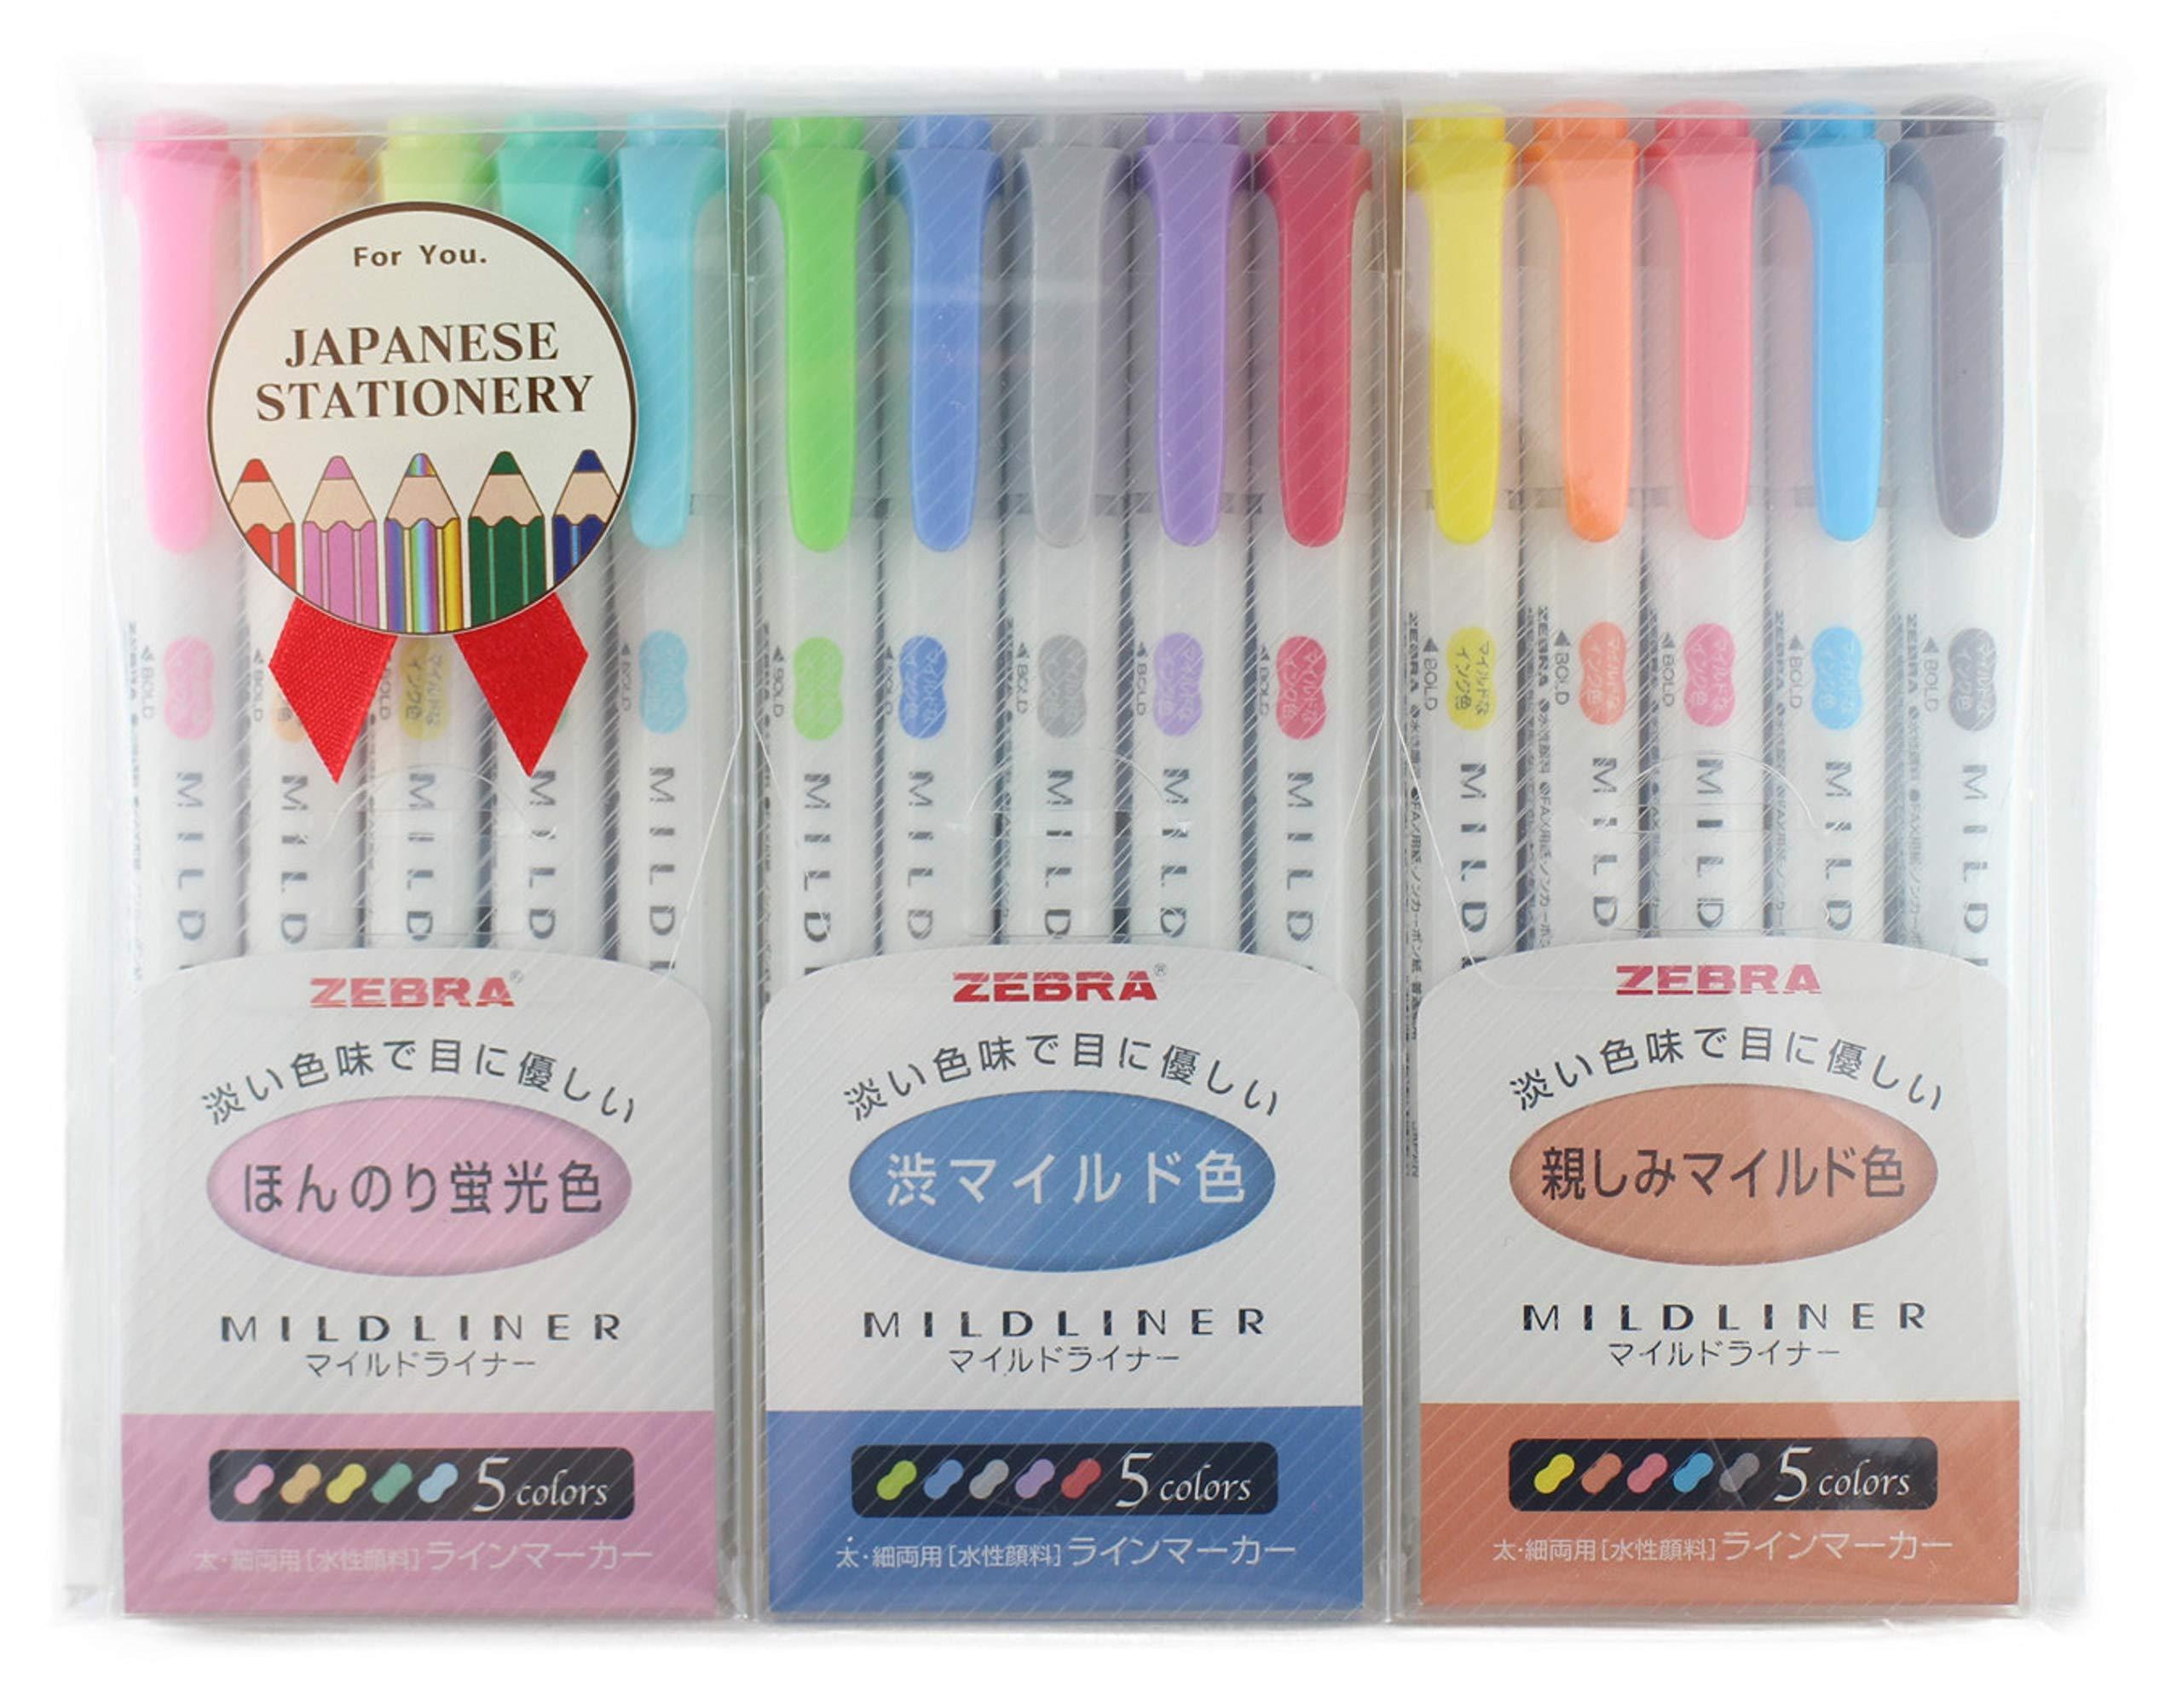 MILDLINER Zebra WKT7-5C (5-Color Set) / WKT7-5C-NC (5-Color Set) /WKT7-N-5C (5-Color Set) 3 Pack with MIYABI stationery store Original gift package[5C/NC/N5C]